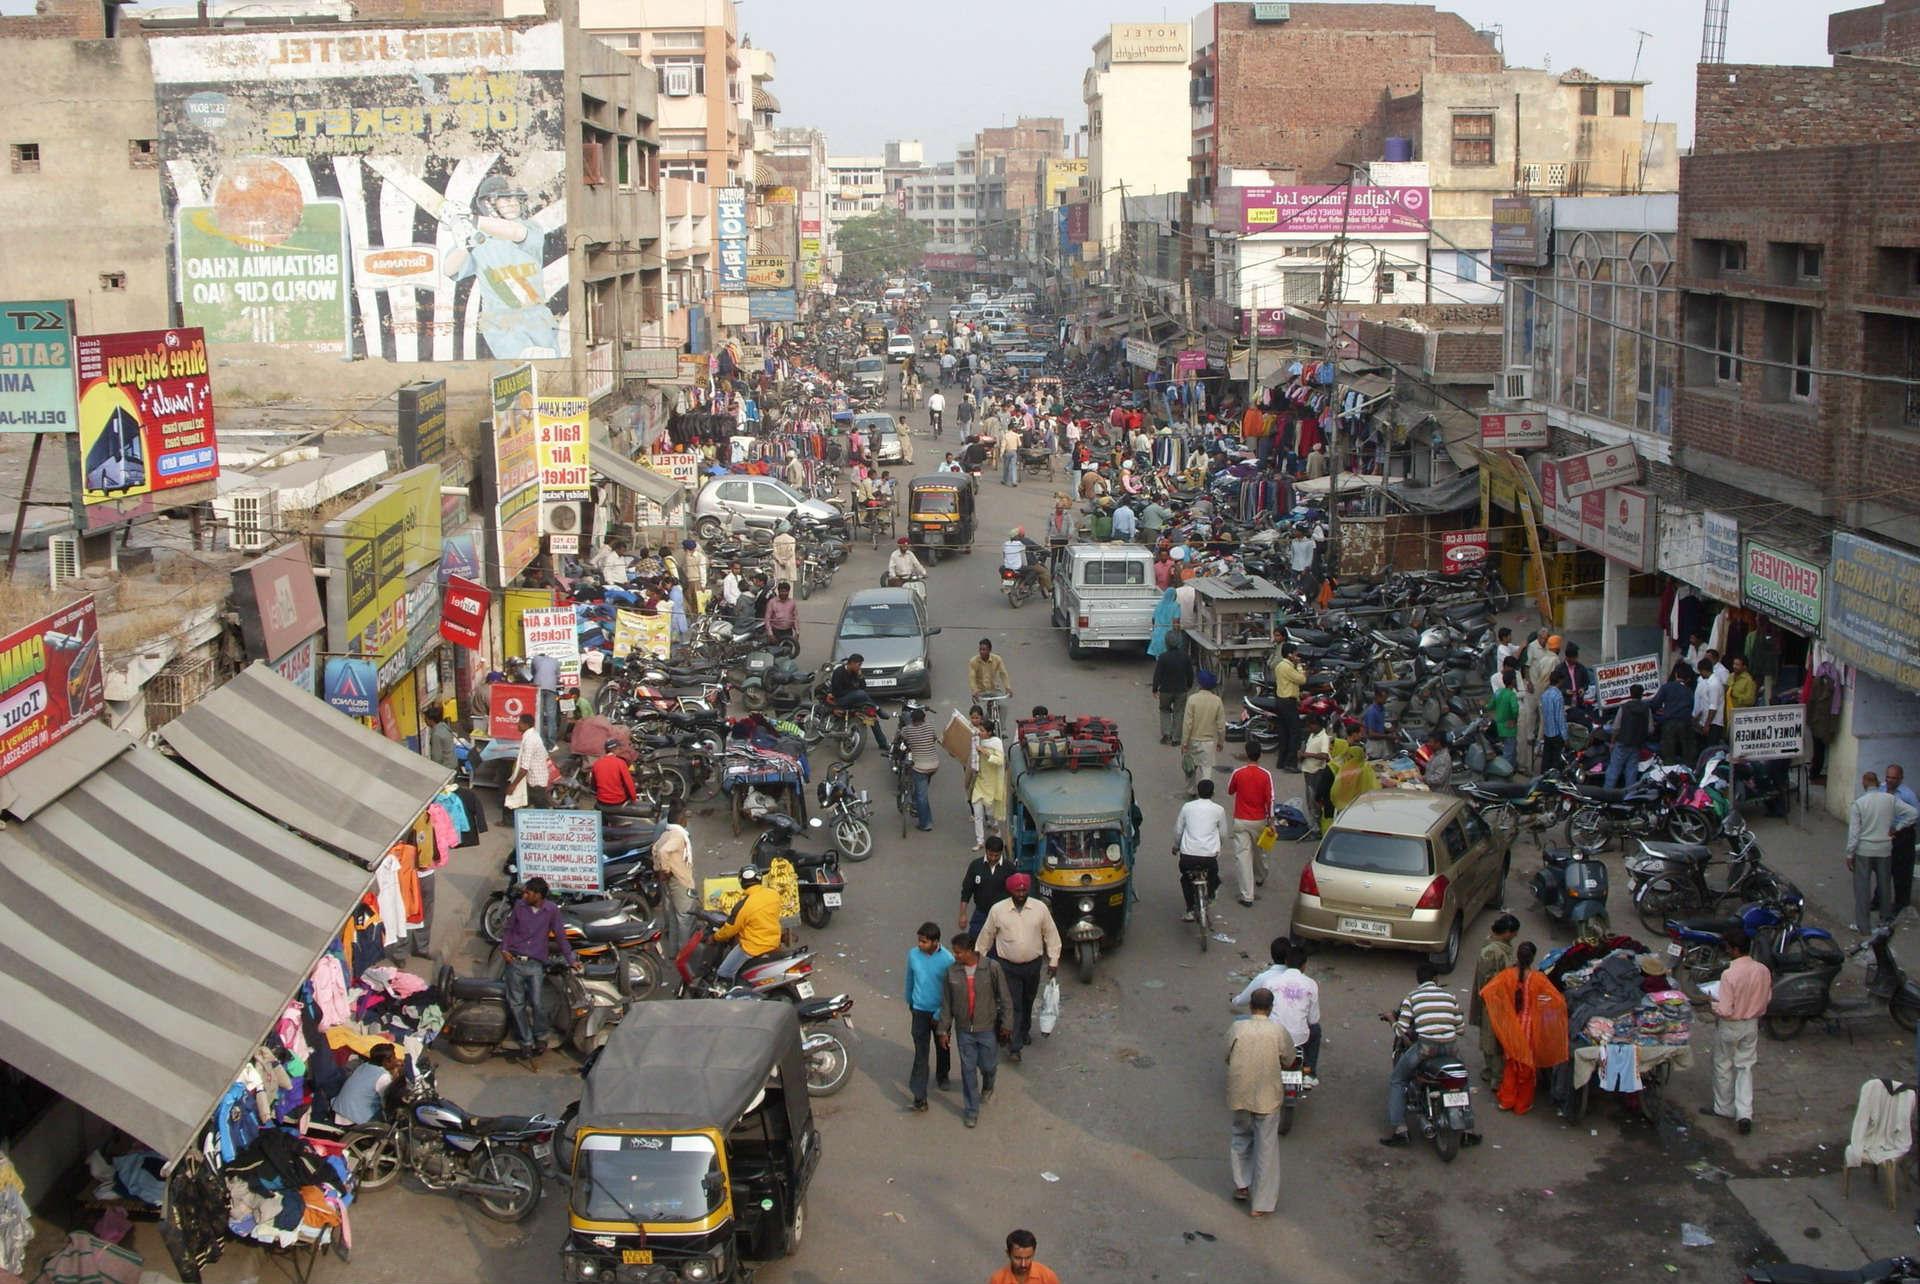 переполненный город и улица в индии. глаза смерти. осознанный сон с ролью творца